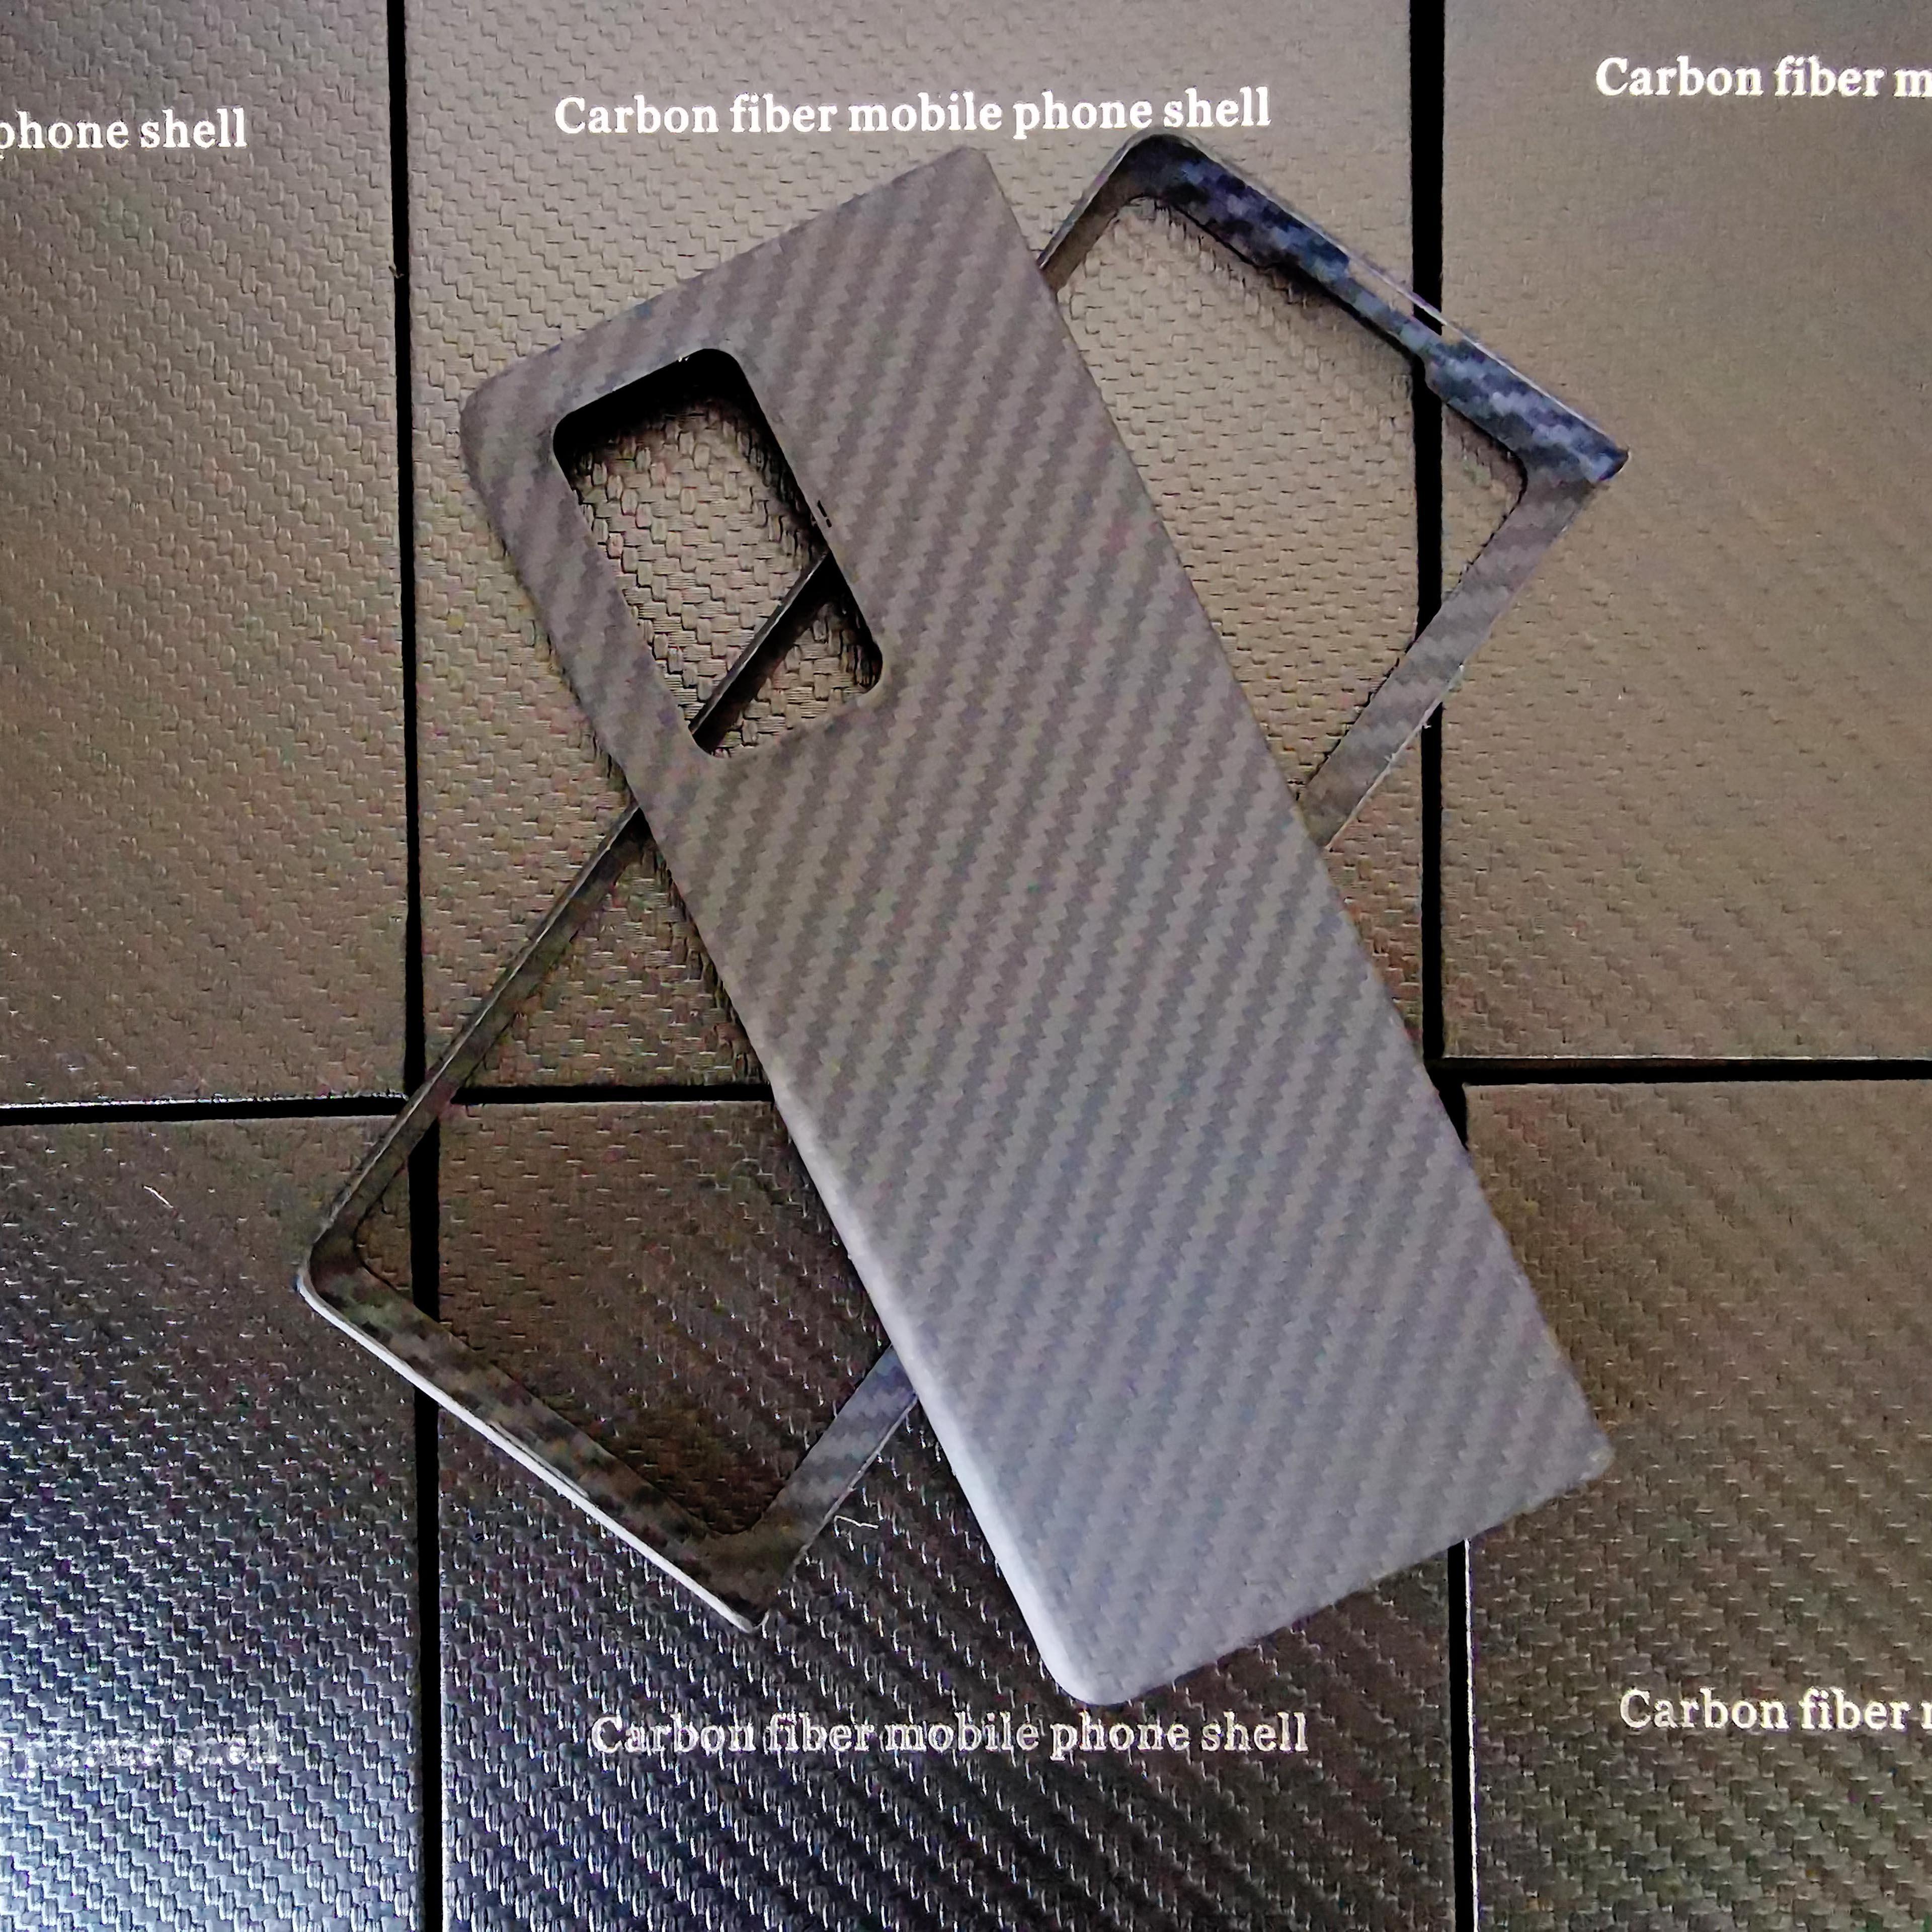 غلاف عالي الجودة 2 في 1 من ألياف الكربون الأصلية 100% غير اللامعة لهاتف Samsung Galaxy Z Fold2 ، غلاف من ألياف الأراميد